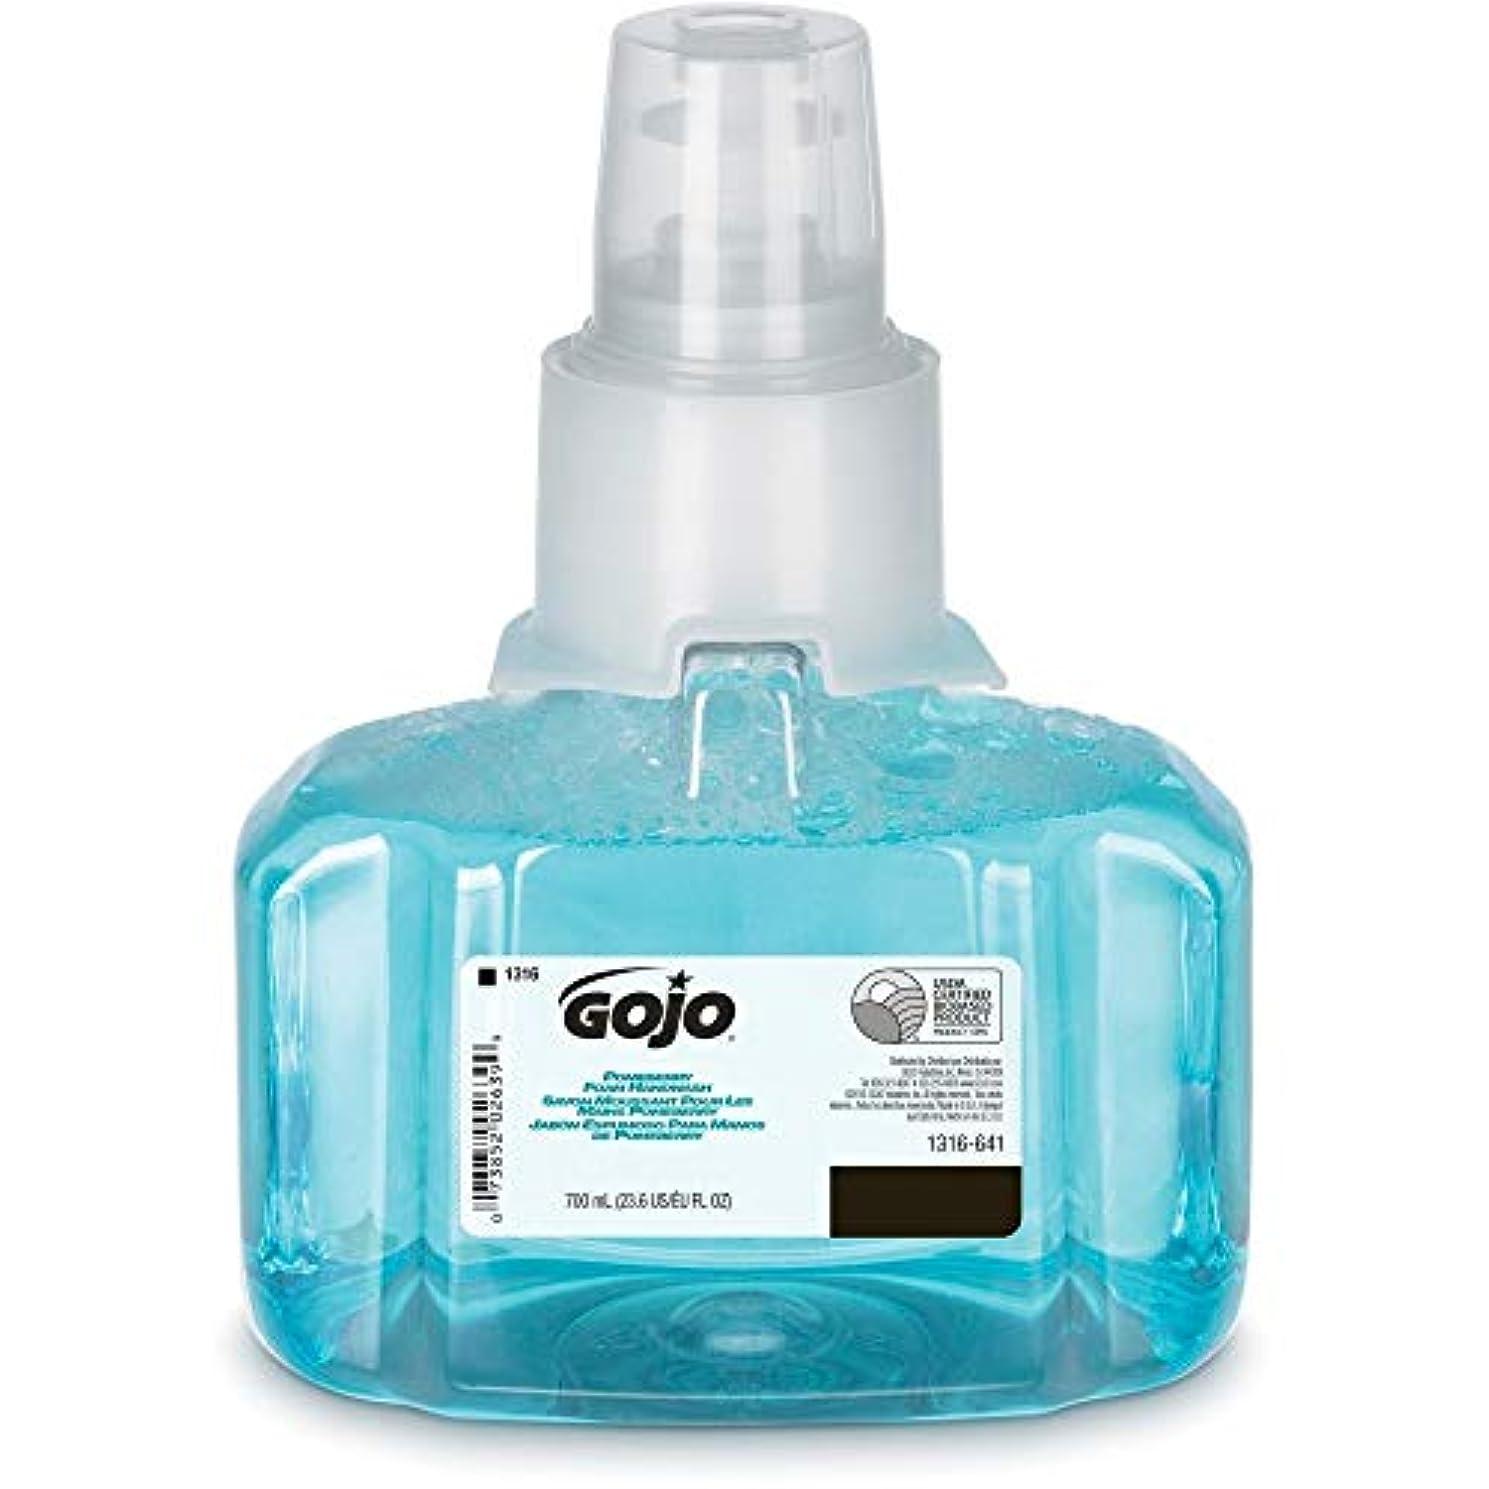 スペースゴミ箱ペデスタルGOJO ltx-7 Pomeberry泡手洗いリフィル